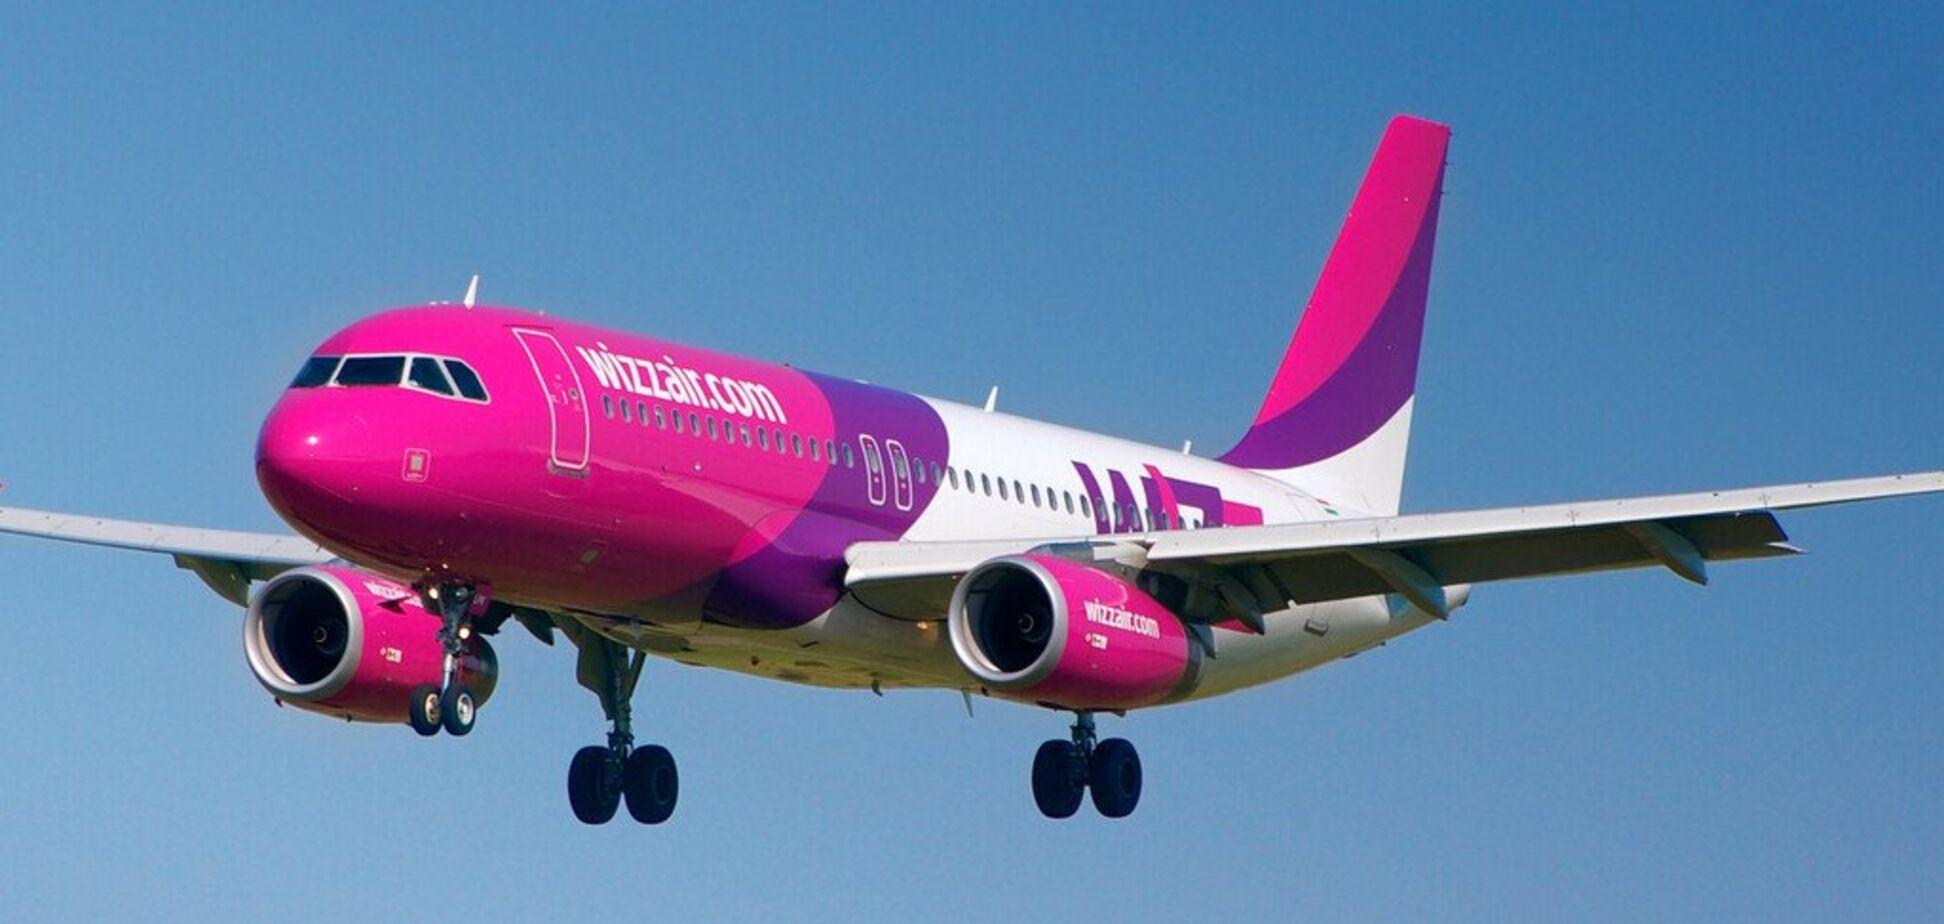 Над Києвом пасажирський літак потрапив у небезпечну ситуацію: опубліковані фото